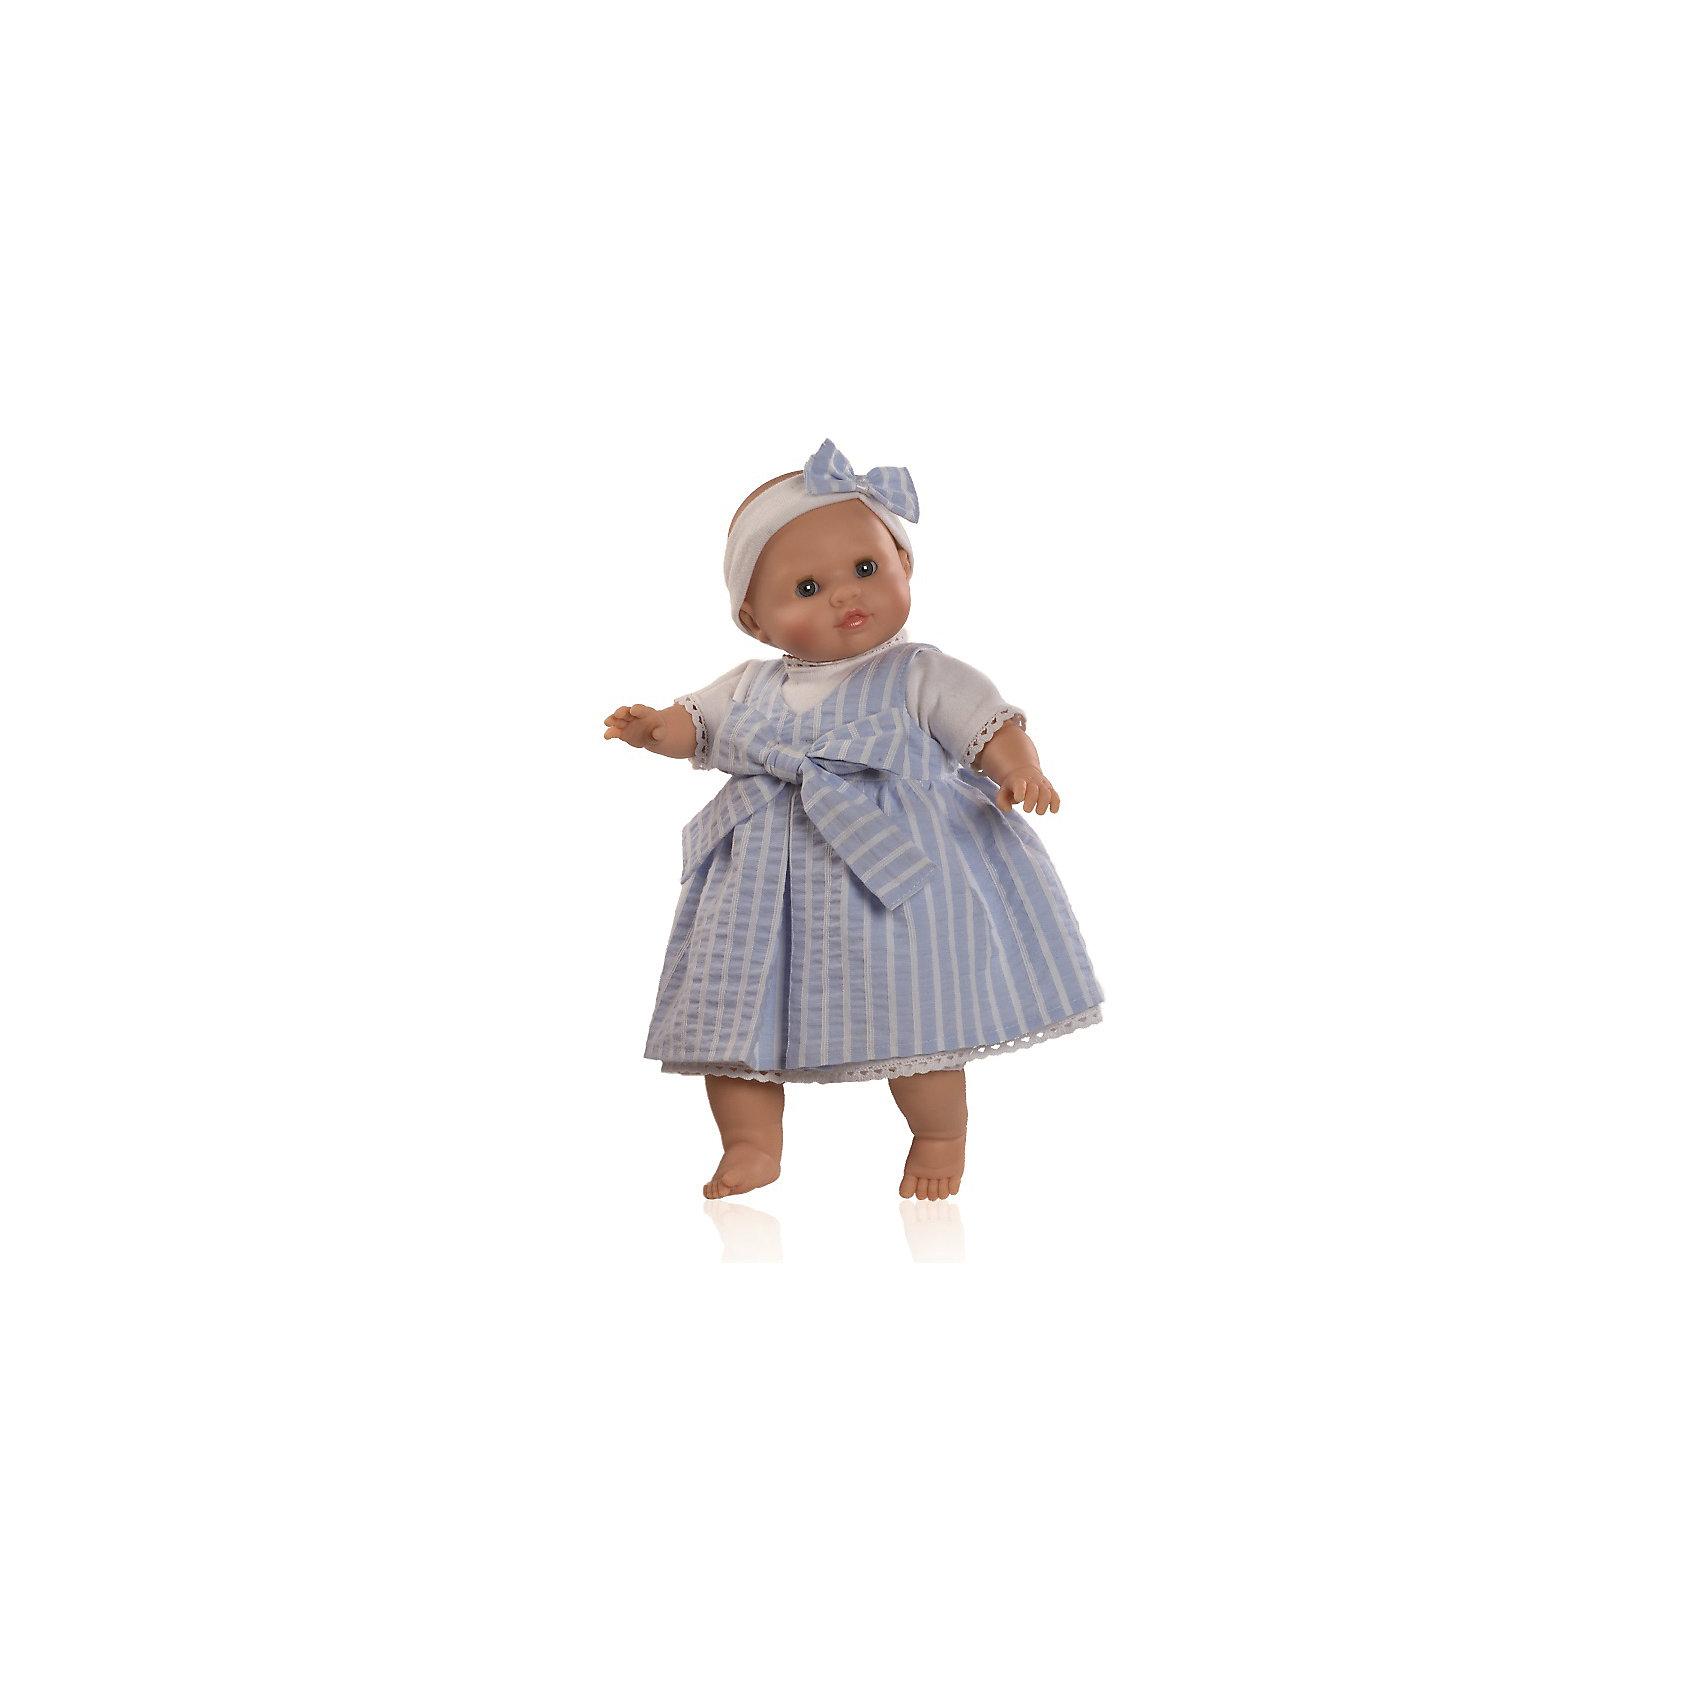 Кукла Габриэла, 36 см, Paola ReinaМалышка Габриэла так похожа на настоящего младенца, что ее хочется тут же взять на руки и укачать! Куколка одета в нежно-голубой сарафан с декоративным бантом, на голове - милая полоска, украшенная таким же бантиком, как и одежда. Складочки на ручках и ножках придают куколке еще больше реалистичности. На голове у нее рельефная поверхность, имитирующая волосы. Куклы Паола Рейна с мягконабивным телом, имеют нежный ванильный аромат, одеты в модную яркую одежду с аксессуарами. Выразительная мимика, уникальный и неповторимый дизайн лица и тела, делают эти игрушки запоминающимися, уникальными и самыми любимыми. Куклы изготовлены из высококачественных материалов, абсолютно безопасных для детей. <br><br>Дополнительная информация:<br><br>- Материалы: кукла изготовлена из винила и текстиля; глаза выполнены в виде кристалла из прозрачного твердого пластика; одежда - текстиль.<br>- Размер: 36 см.<br>- Комплектация: кукла в одежде.<br>- Голова, ручки, ножки куклы подвижные.<br>- Мягконабивное тело.<br>- Нельзя мыть.<br>- Глаза закрываются.<br><br>Куклу Габриэла, 36 см, Paola Reina (Паола Рейна), можно купить в нашем магазине.<br><br>Ширина мм: 120<br>Глубина мм: 250<br>Высота мм: 420<br>Вес г: 1000<br>Возраст от месяцев: 36<br>Возраст до месяцев: 144<br>Пол: Женский<br>Возраст: Детский<br>SKU: 4420325